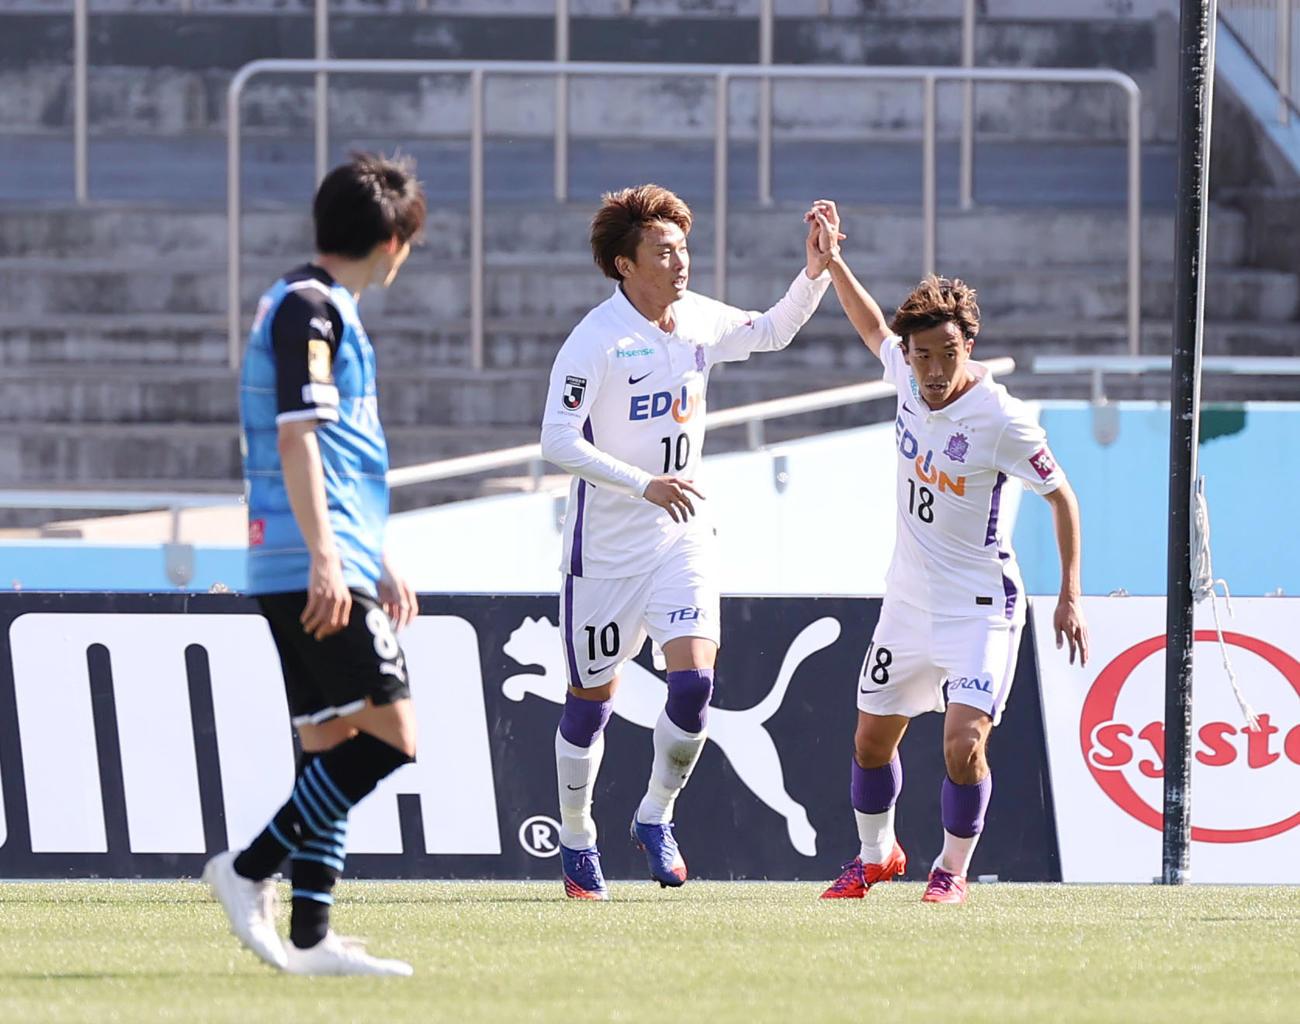 川崎F対広島 後半、ゴールを決めた広島森島(中央)は柏とタッチを交わす(撮影・垰建太)